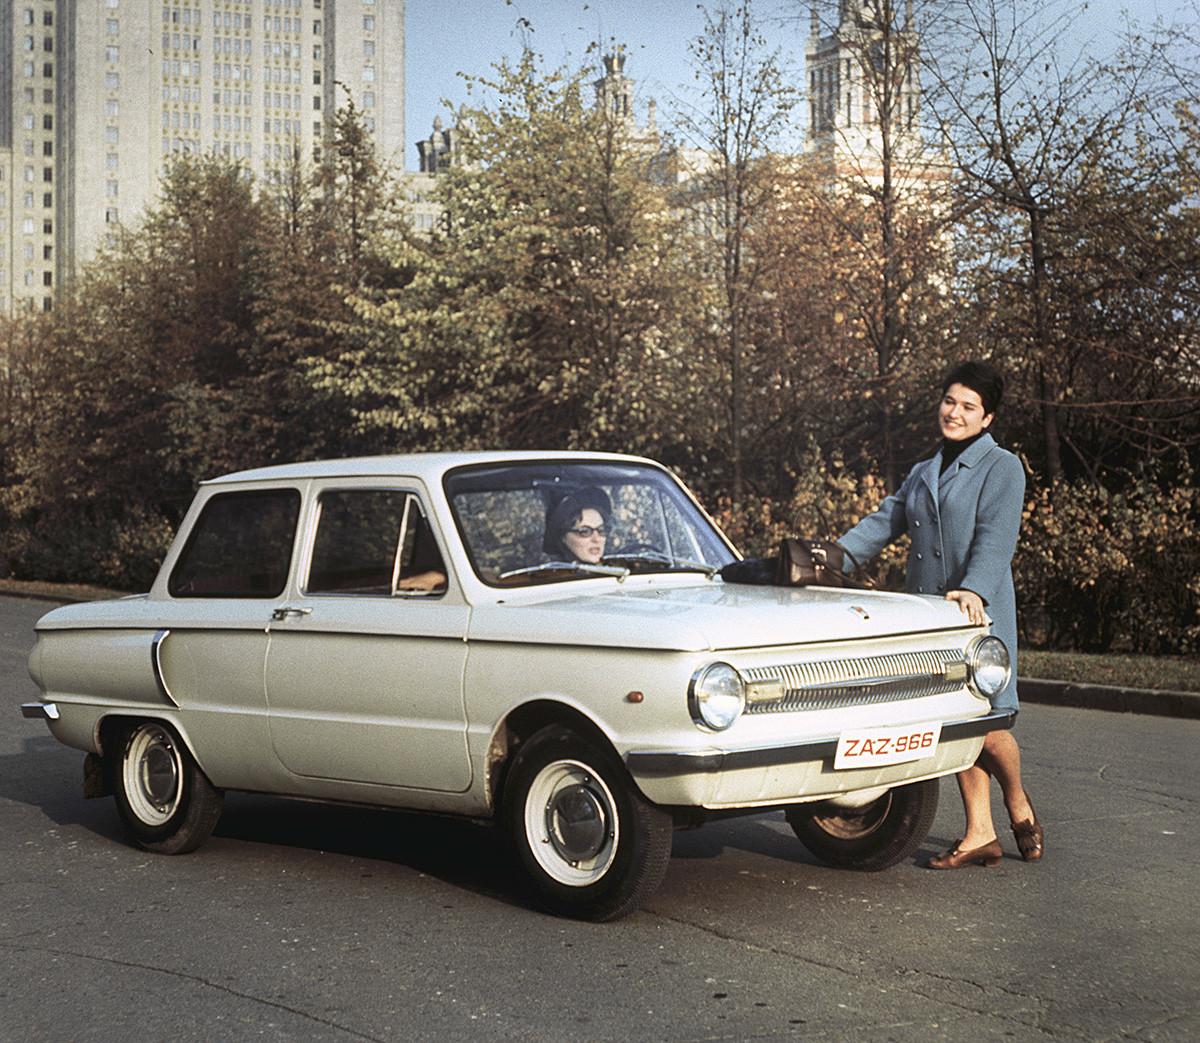 La ZAZ-966, de l'Usine automobile de Zaporojié (abrégée « ZAZ », située en Ukraine). La gamme de ce site de production était surnommée populairement « Zaporojets ». 1970